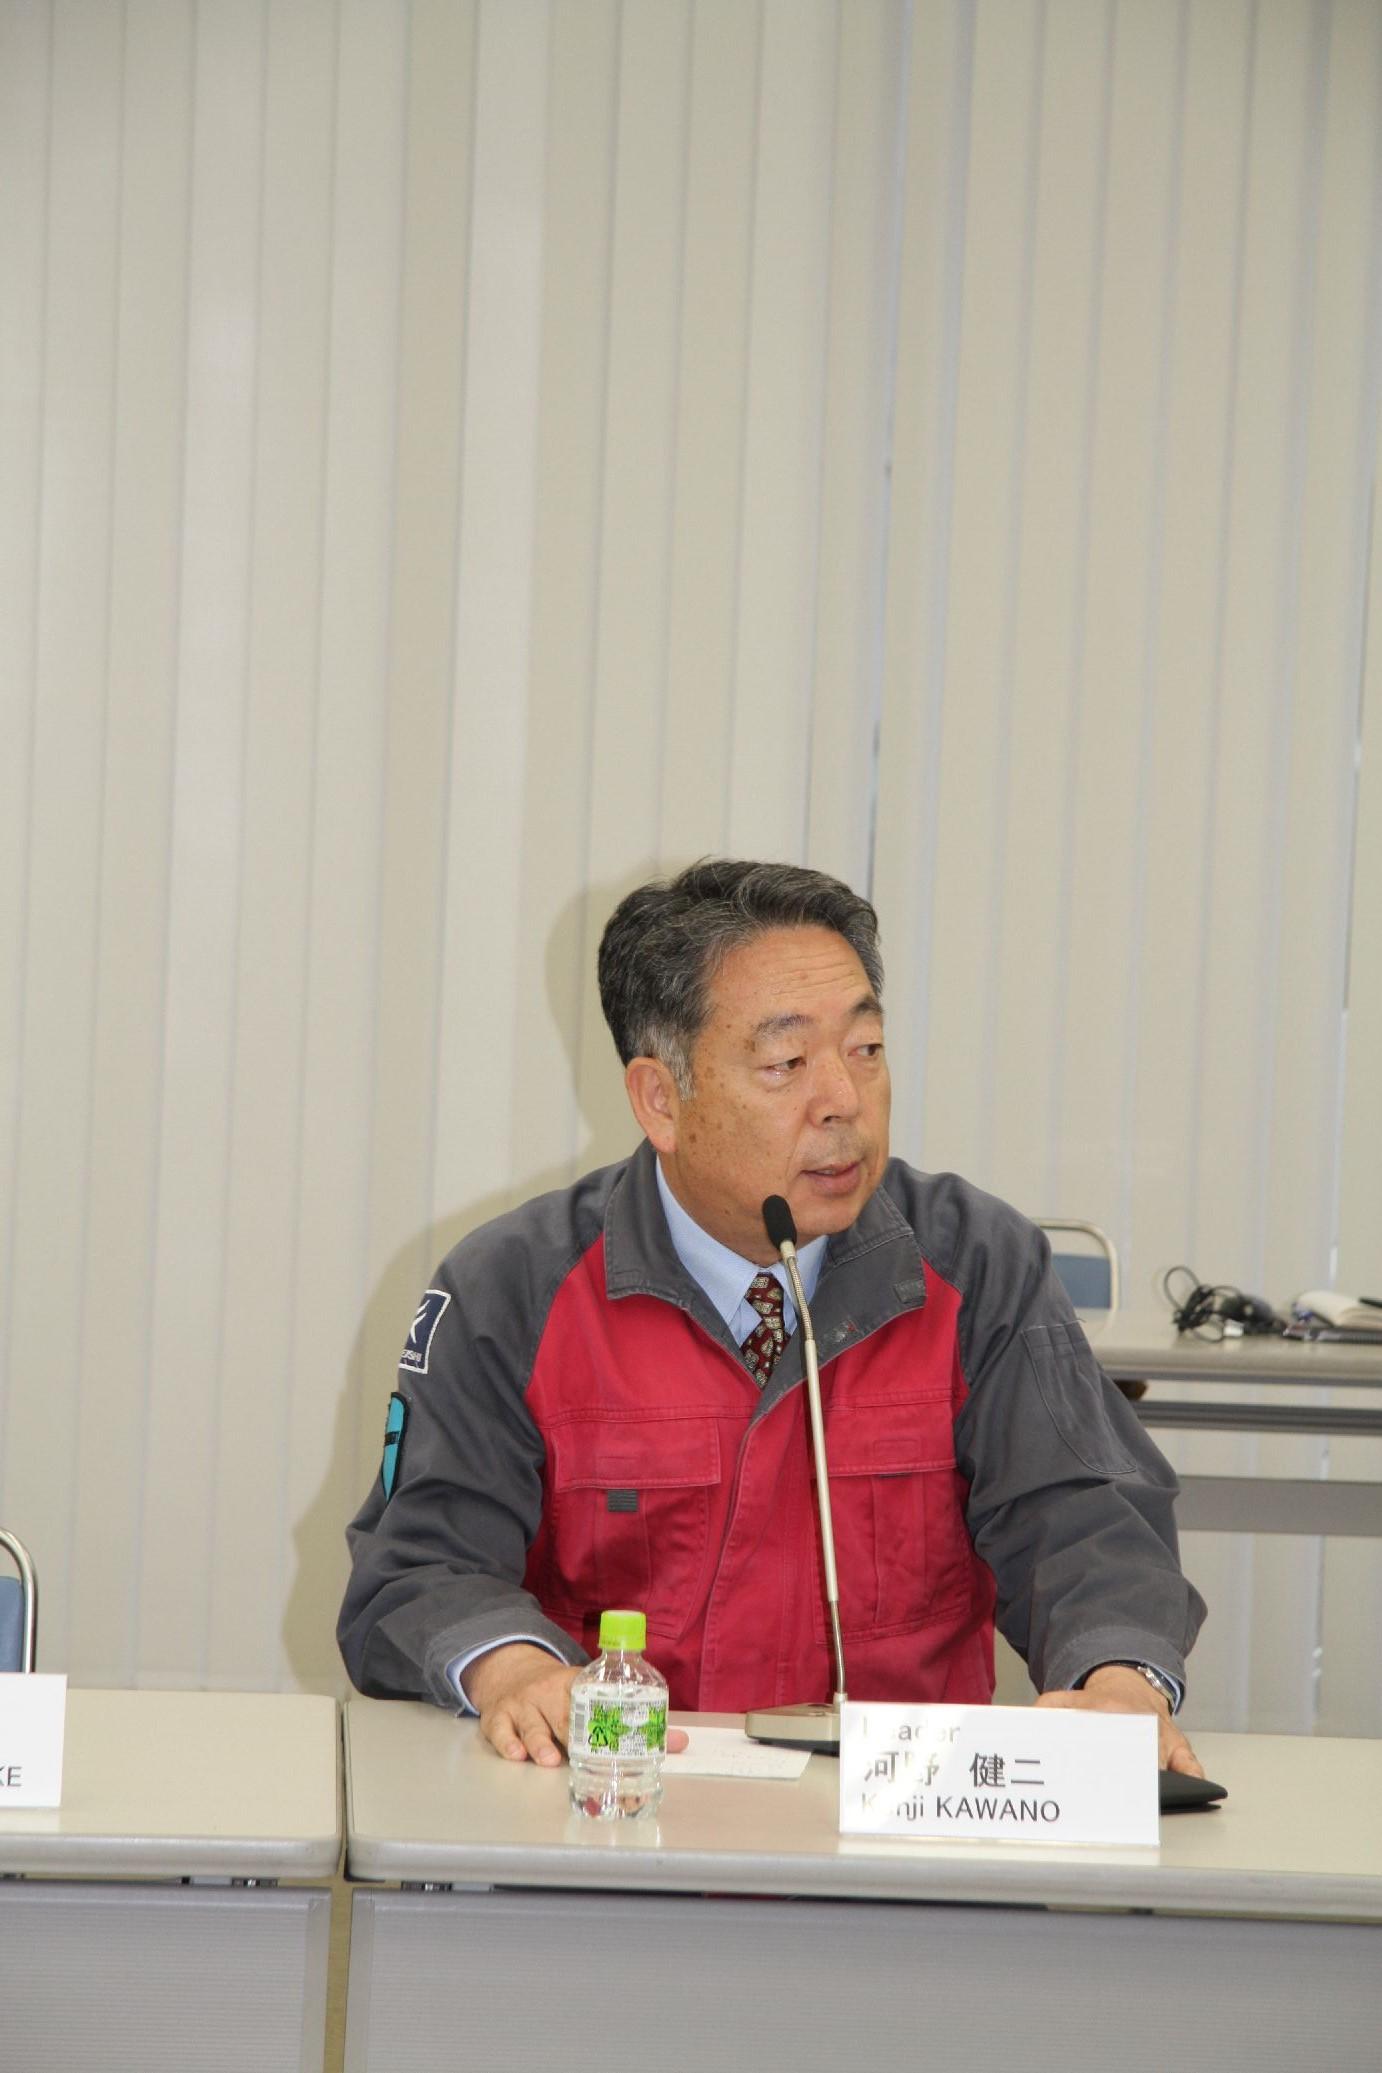 常石造船河野健二总经理发表讲话